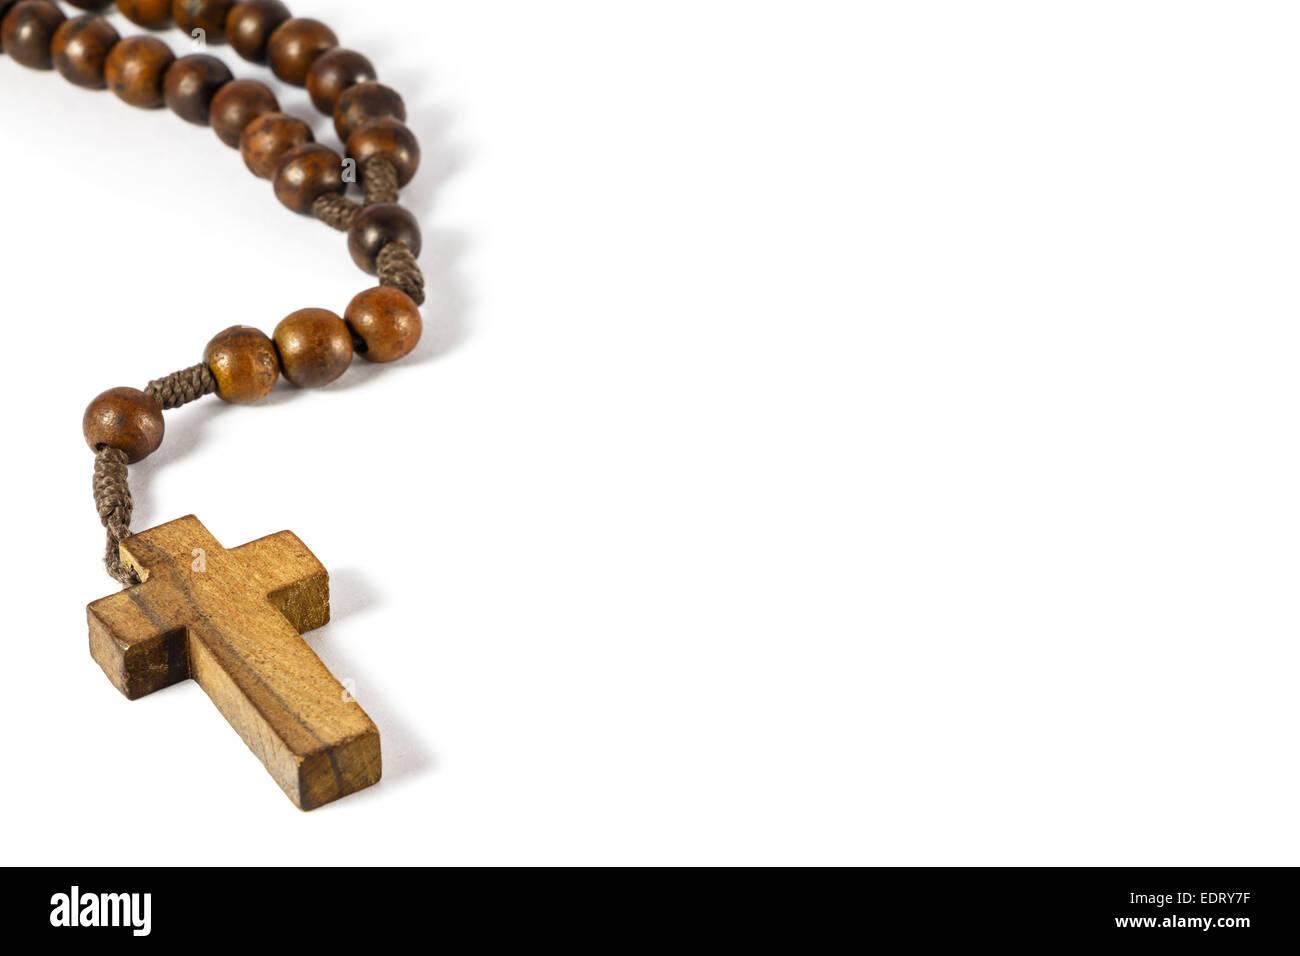 Rosario con cruz de madera en el borde izquierdo y el área en blanco en el lado derecho (fondo blanco) Imagen De Stock